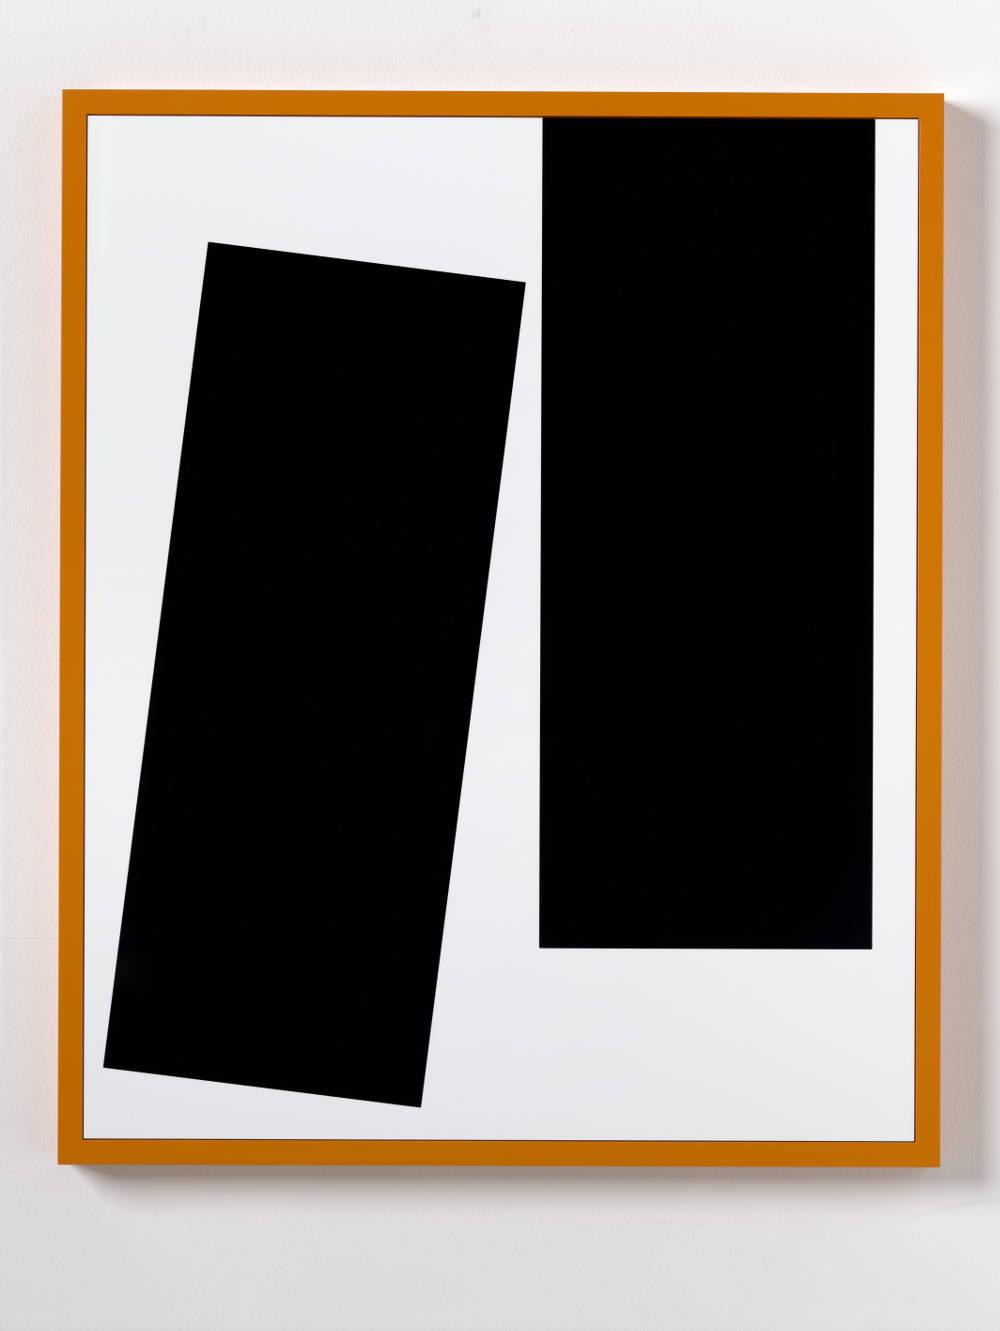 Gerwald Rockenschaub, Untitled (Intarsie), 2018. Acrylglas, MDF lackiert 84 x 69 cm (33,07 x 27,17 in) Courtesy Galerie Thaddaeus Ropac, London / Paris / Salzburg © Gerwald Rockenschaub. Photo: Ben Westoby